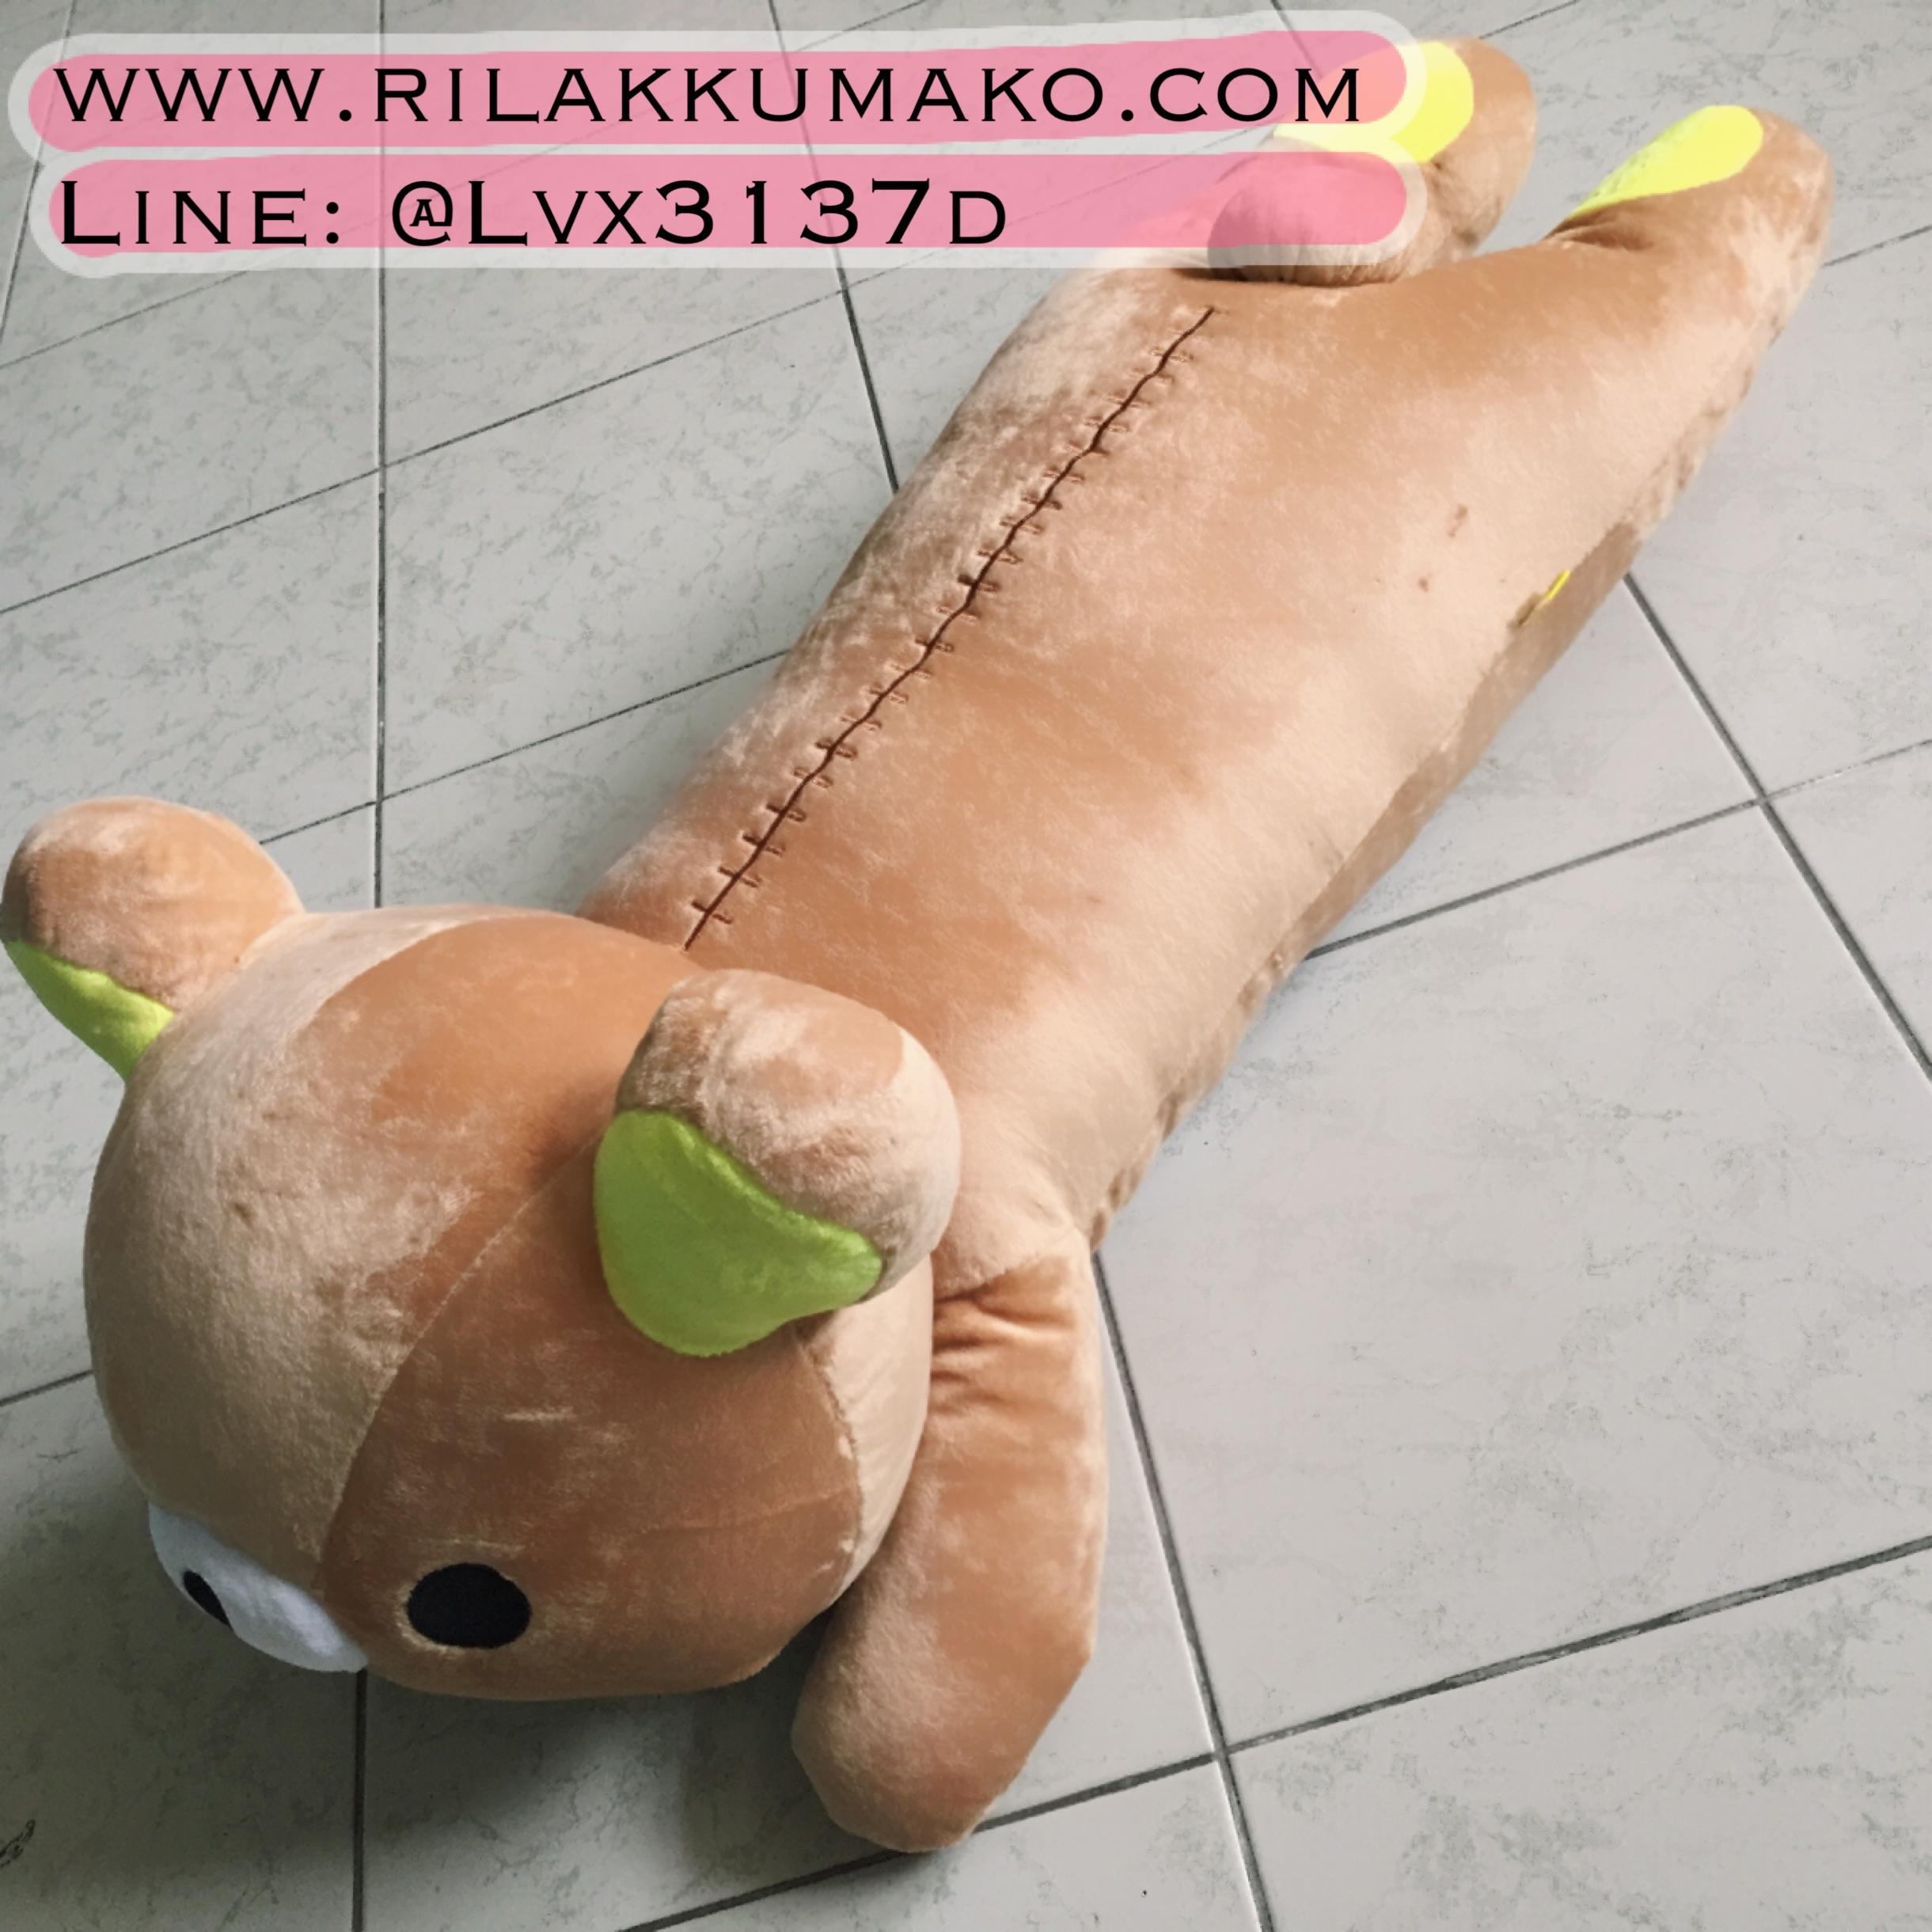 หมอนข้างหมีริลัคคุมะ ท่านอนคว่ำ 80ซม.